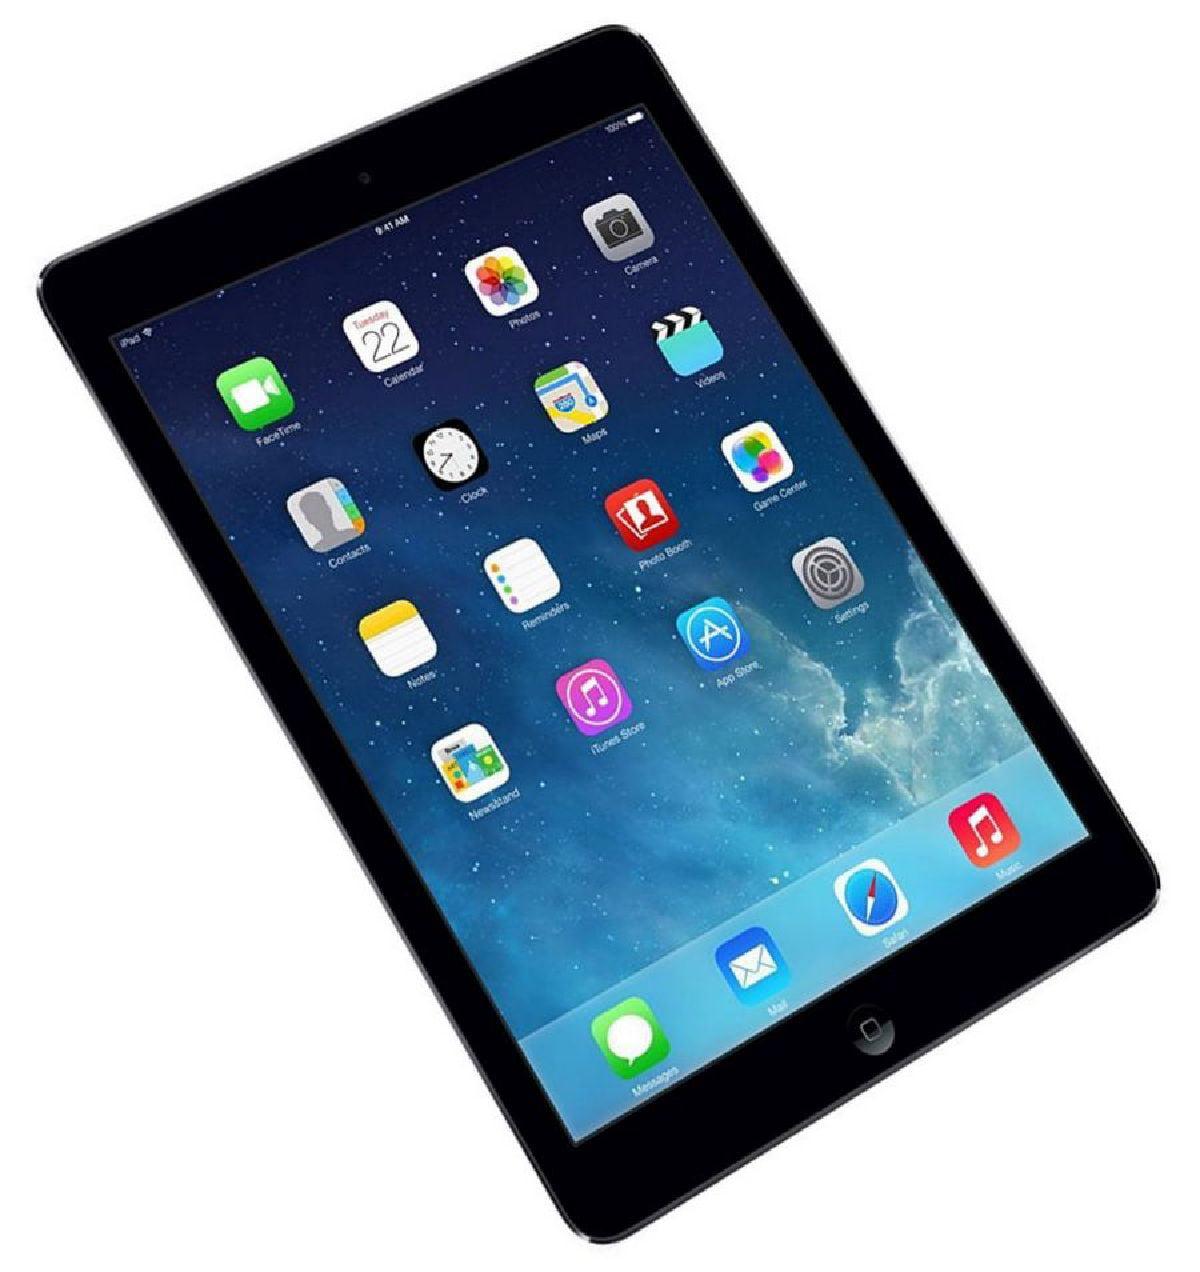 Apple iPad Air 64GB Wi-Fi + AT&T